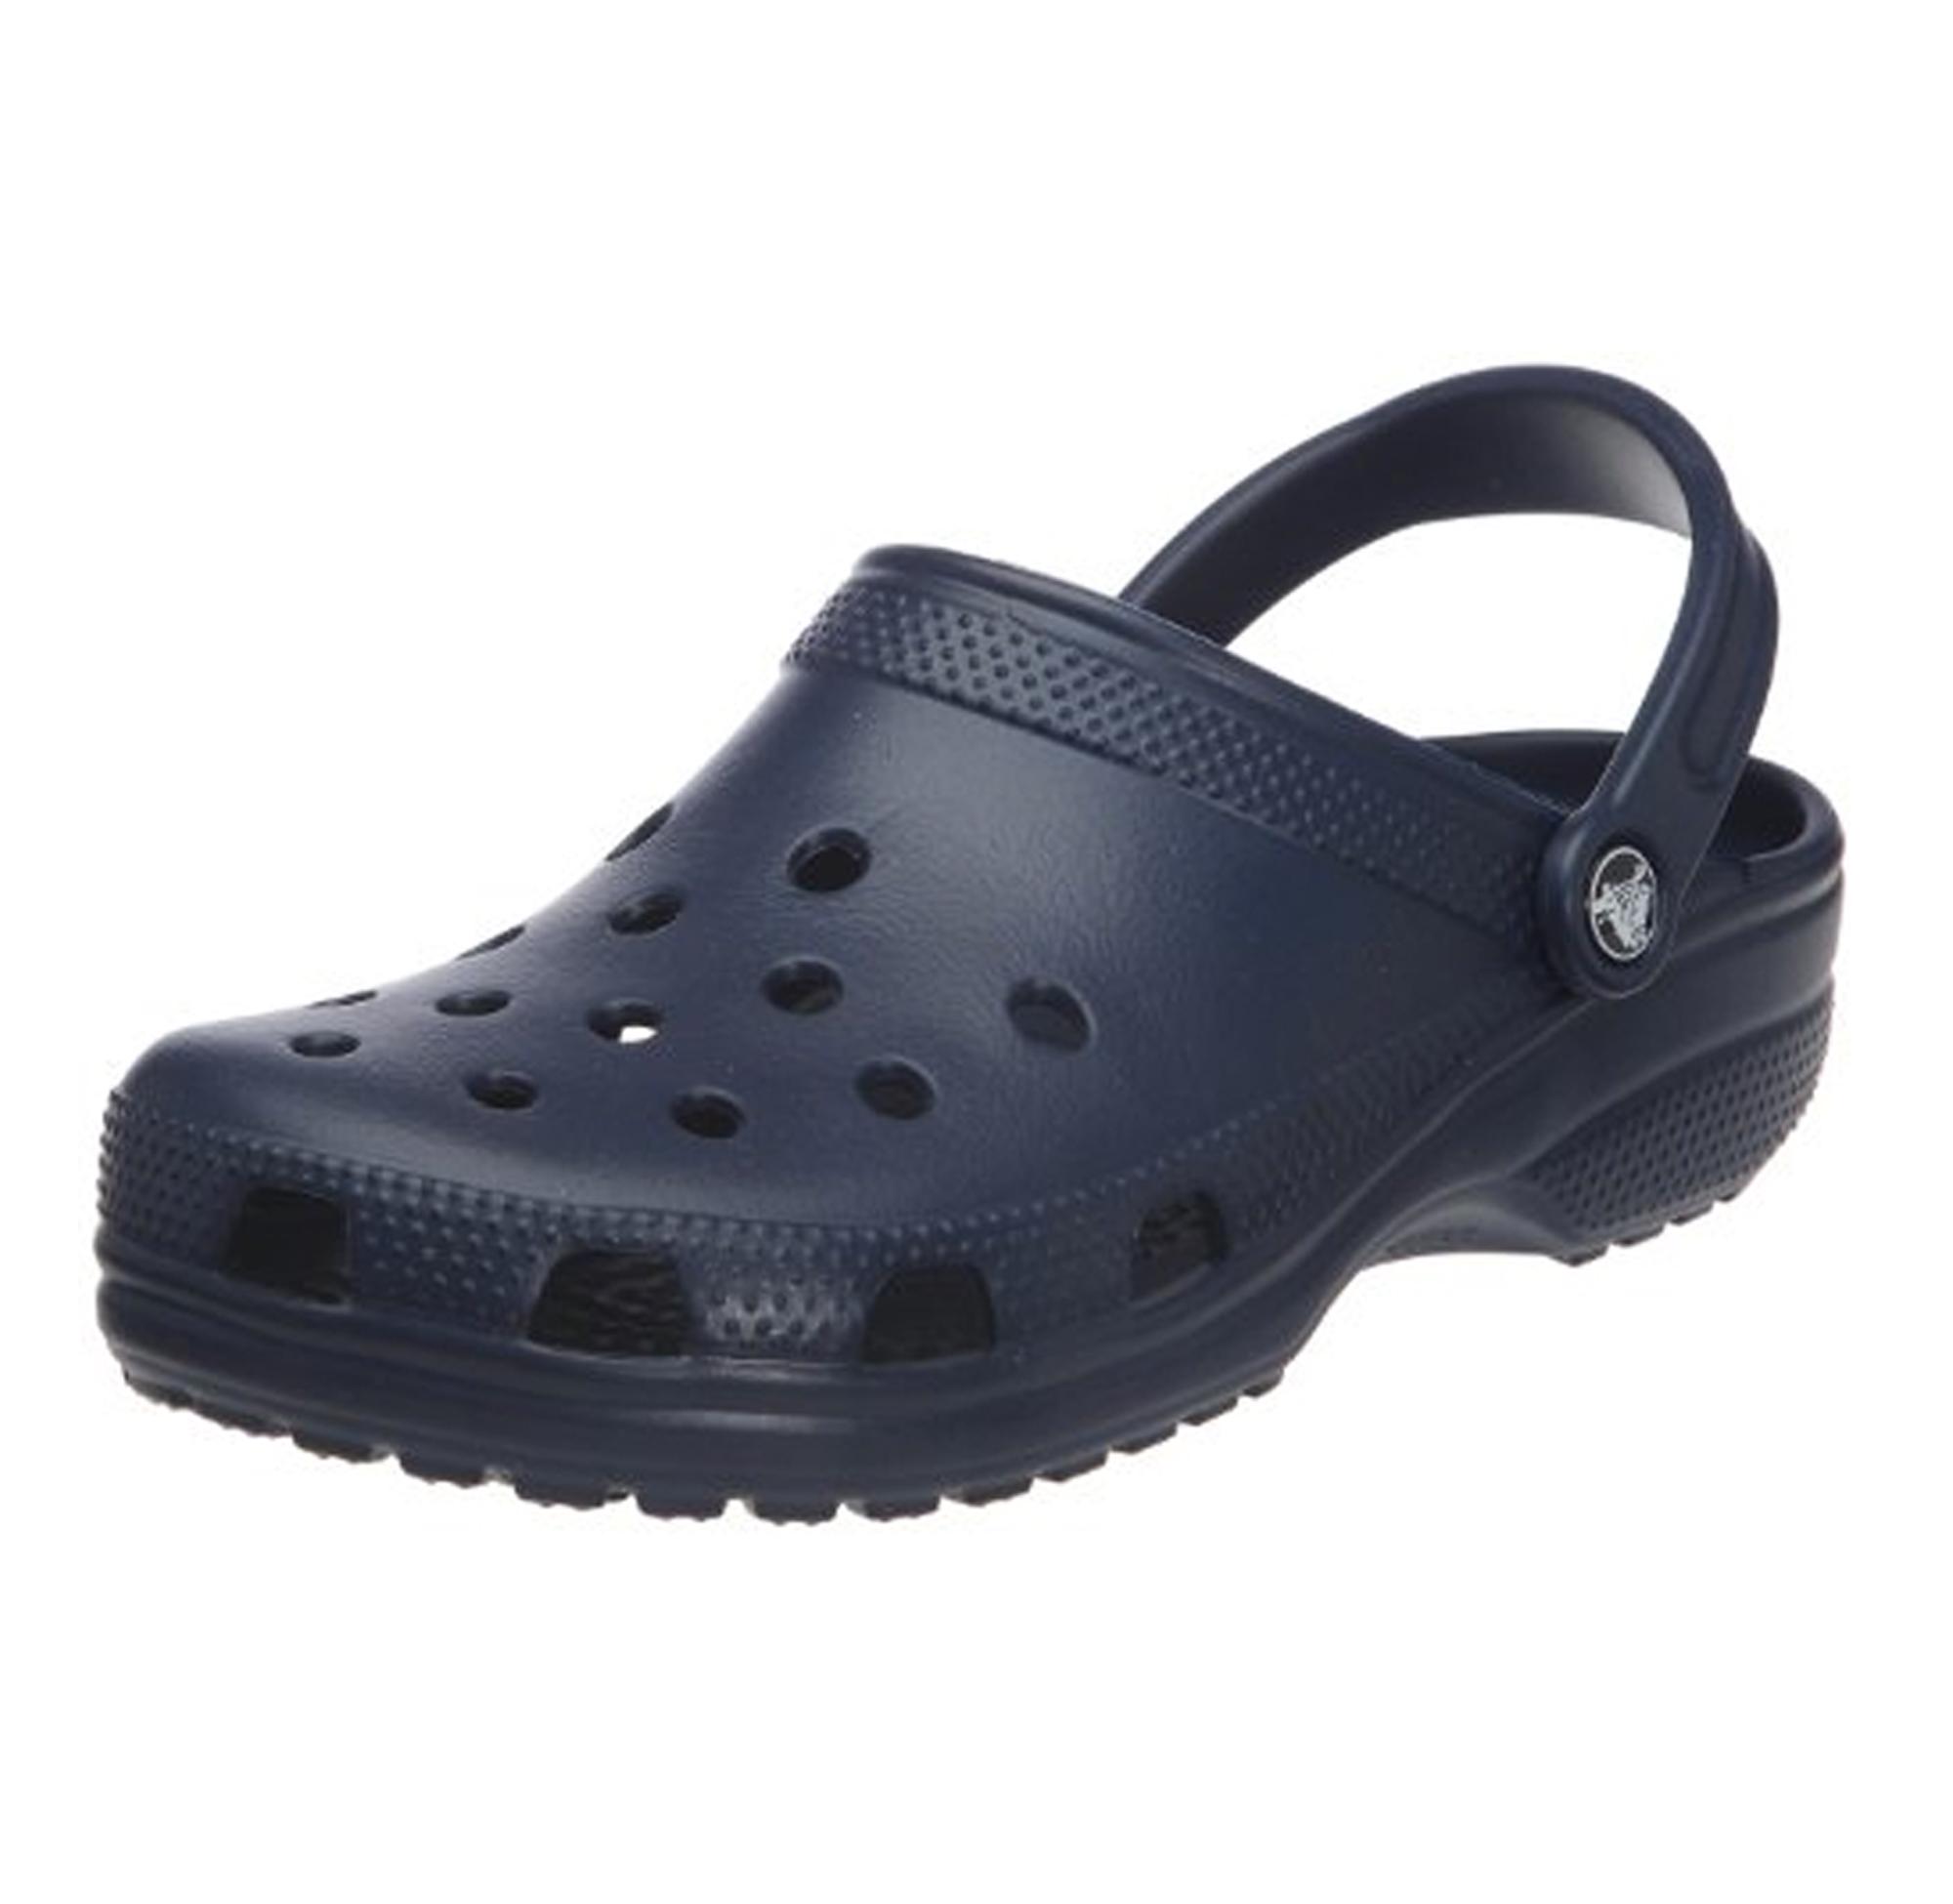 Zapatillas antideslizantes para cocina materiales para - Zapatos de cocina antideslizantes ...